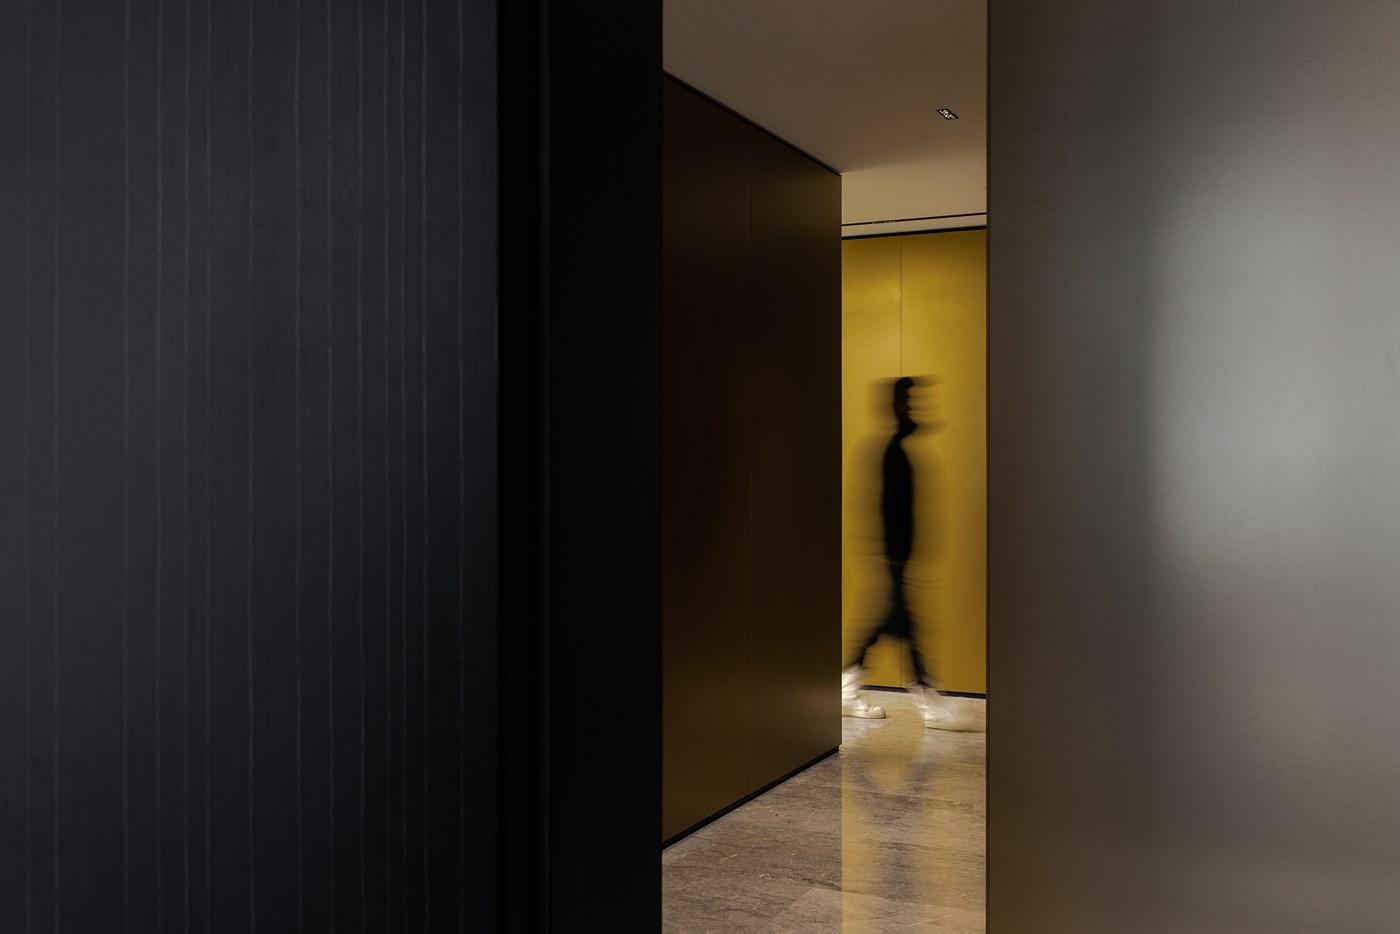 形在建筑空间摄影-54.jpg